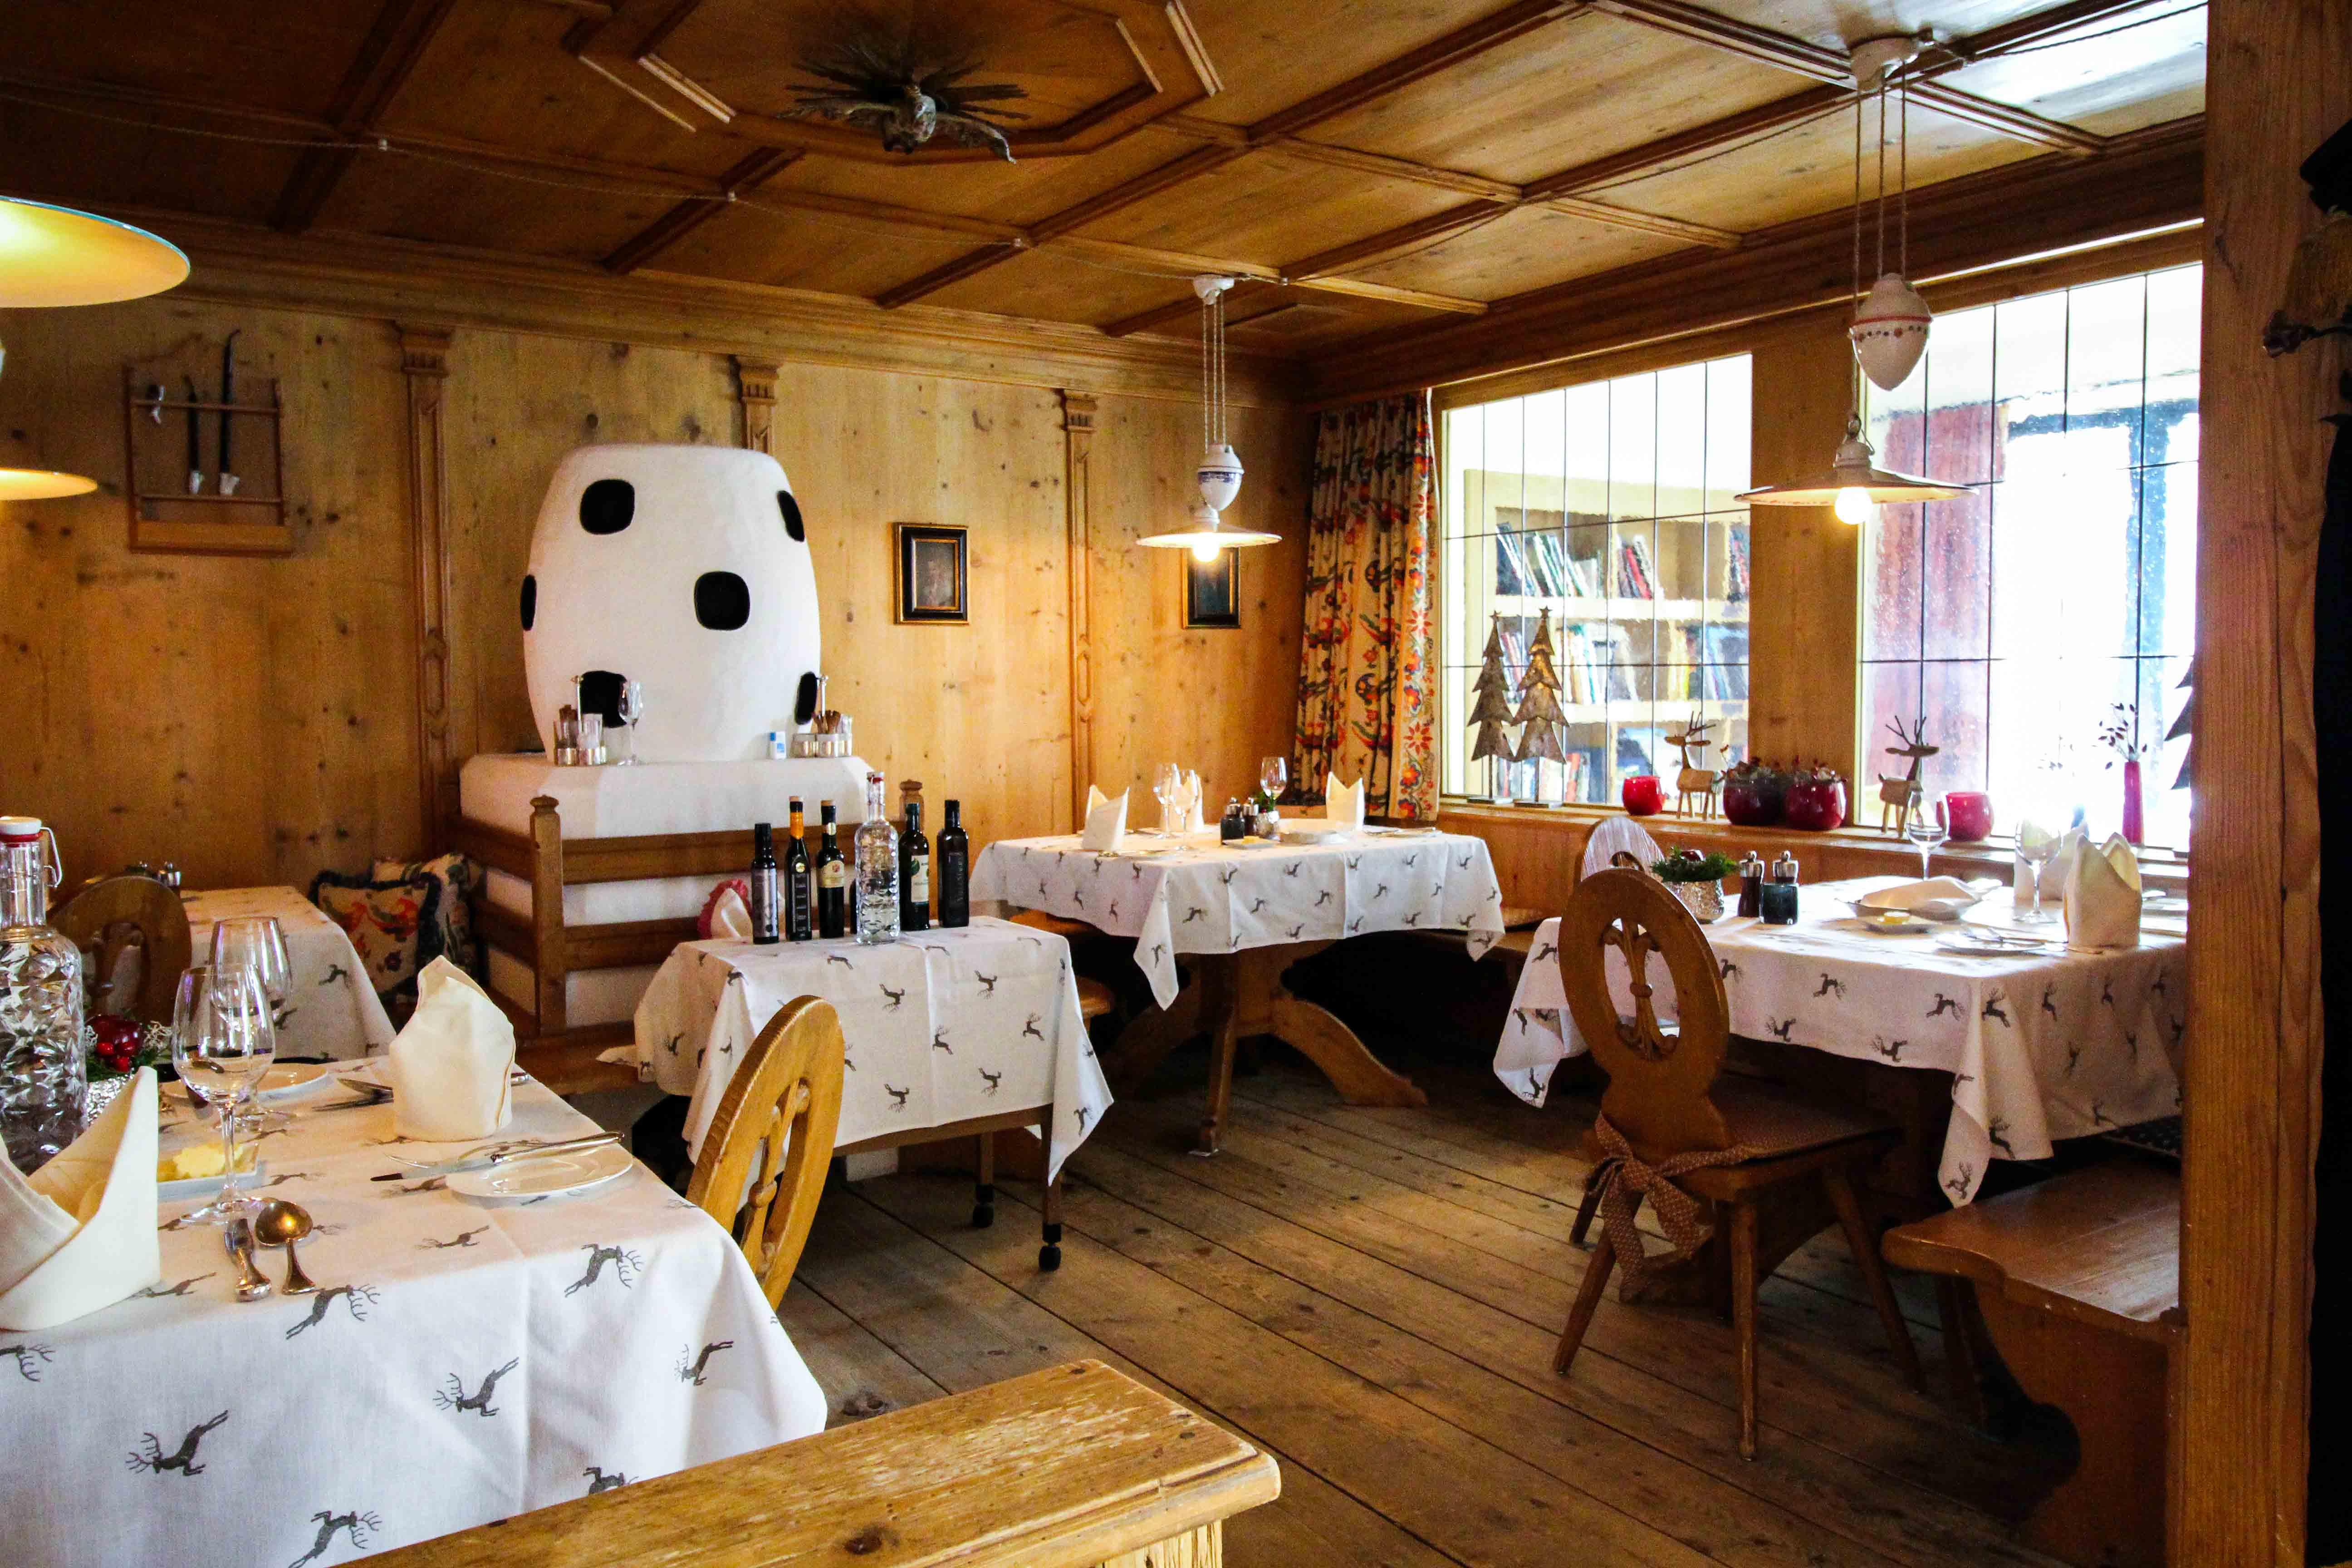 Gourmethotel Sölden Restaurant Ötztaler Stube traditionell Das Central Sölden Luxushotel Sölden Tirol Österreich Winterurlaub Reiseblog